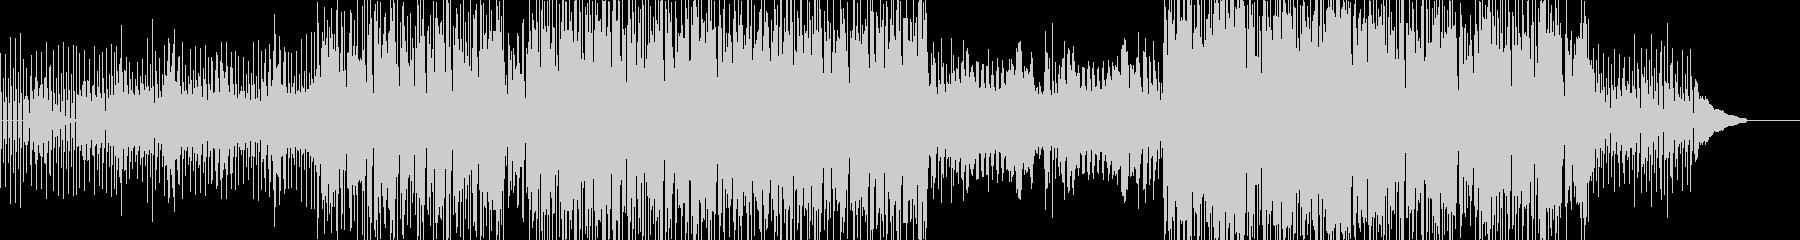 シンセとピアノによる神妙な雰囲気のテクノの未再生の波形